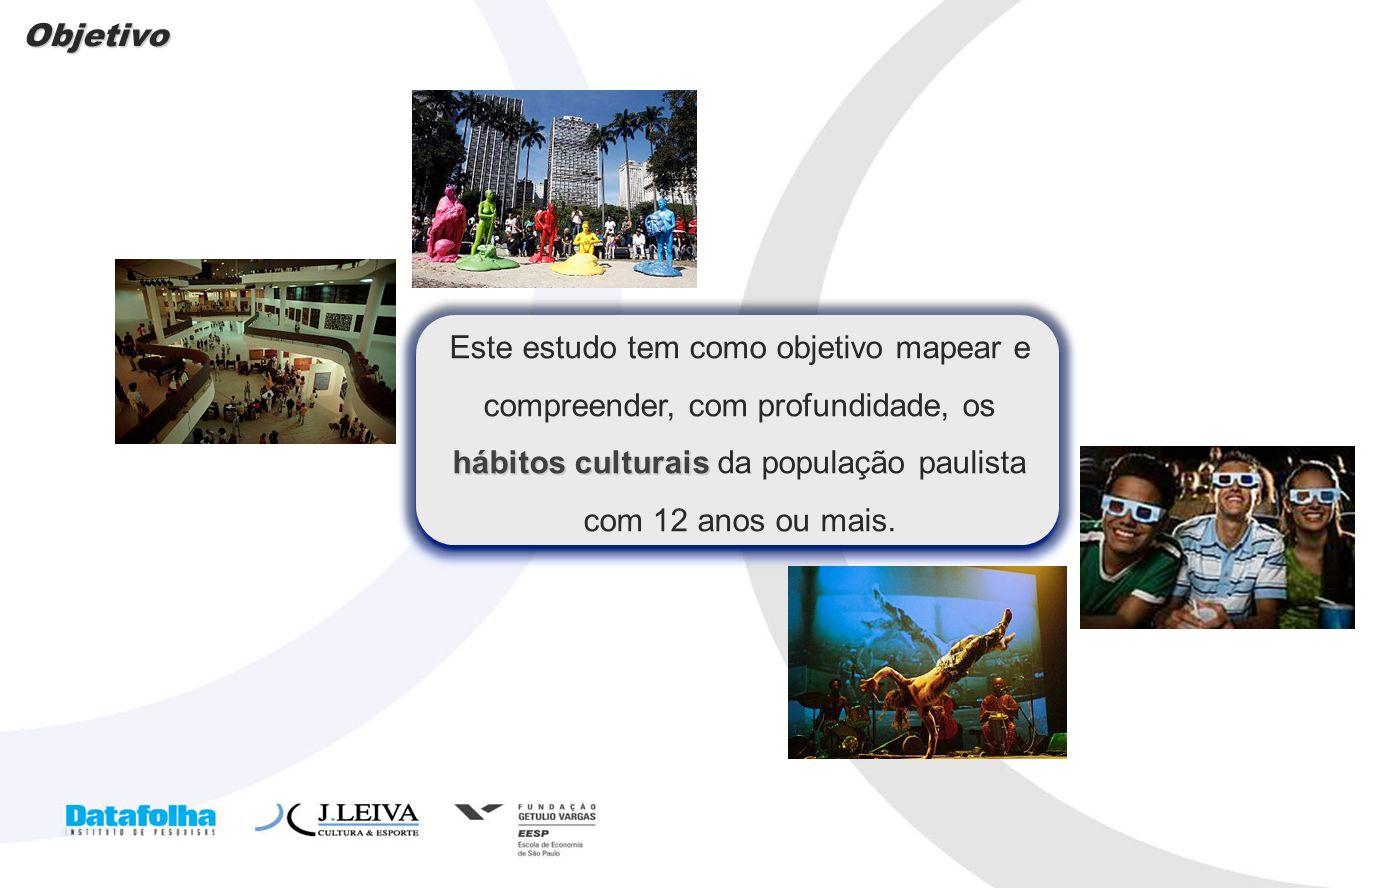 ObjetivoEste estudo tem como objetivo mapear e compreender, com profundidade, os hábitos culturais da população paulista com 12 anos ou mais.